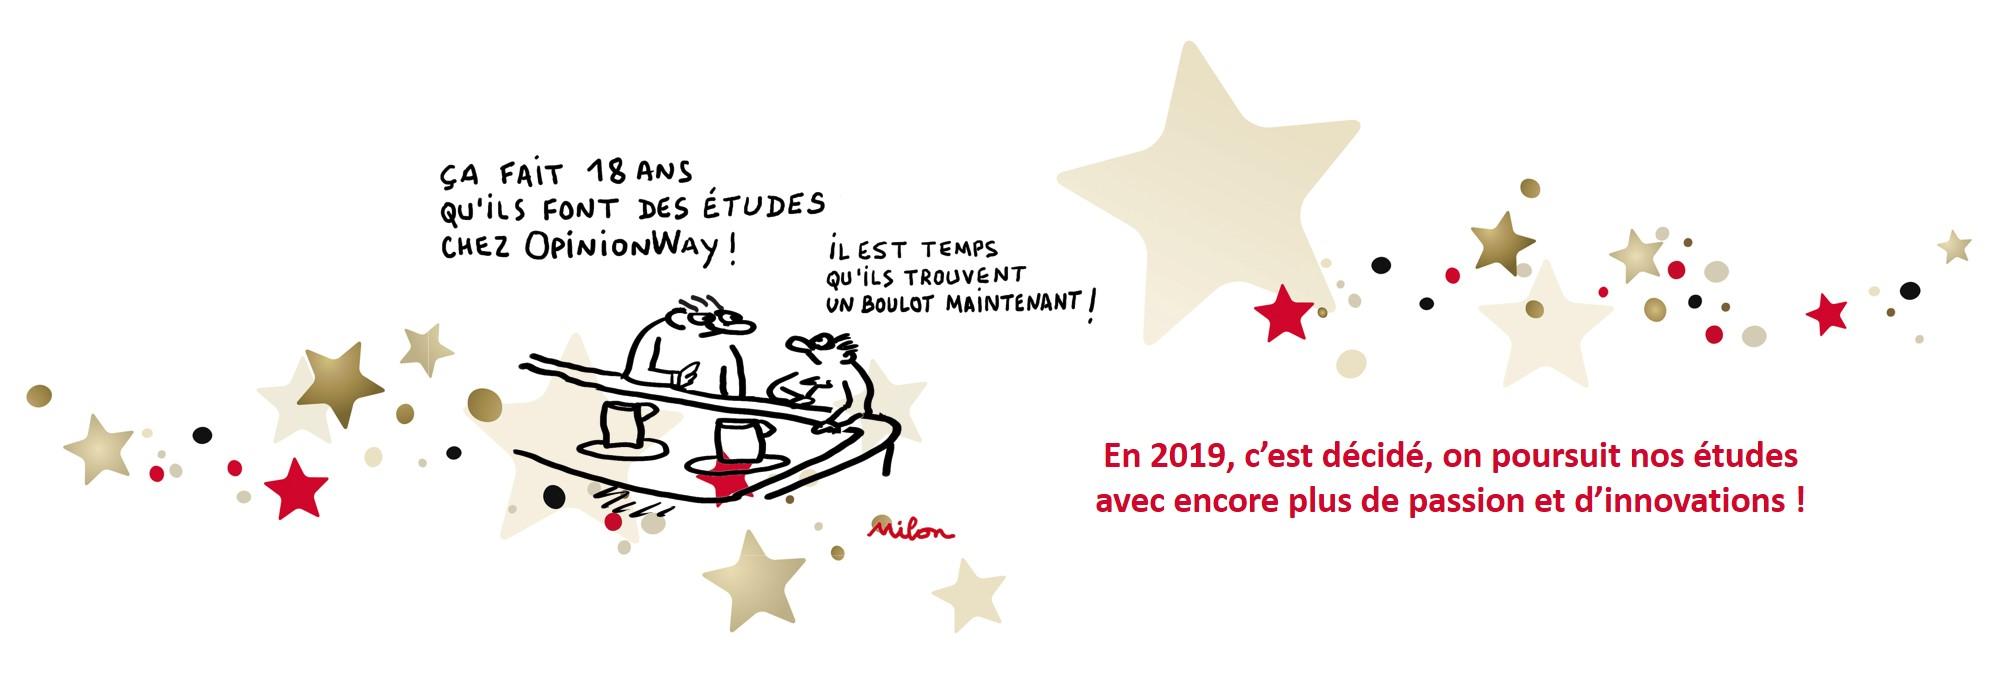 carte-de-voeux-2018-2019_milon4